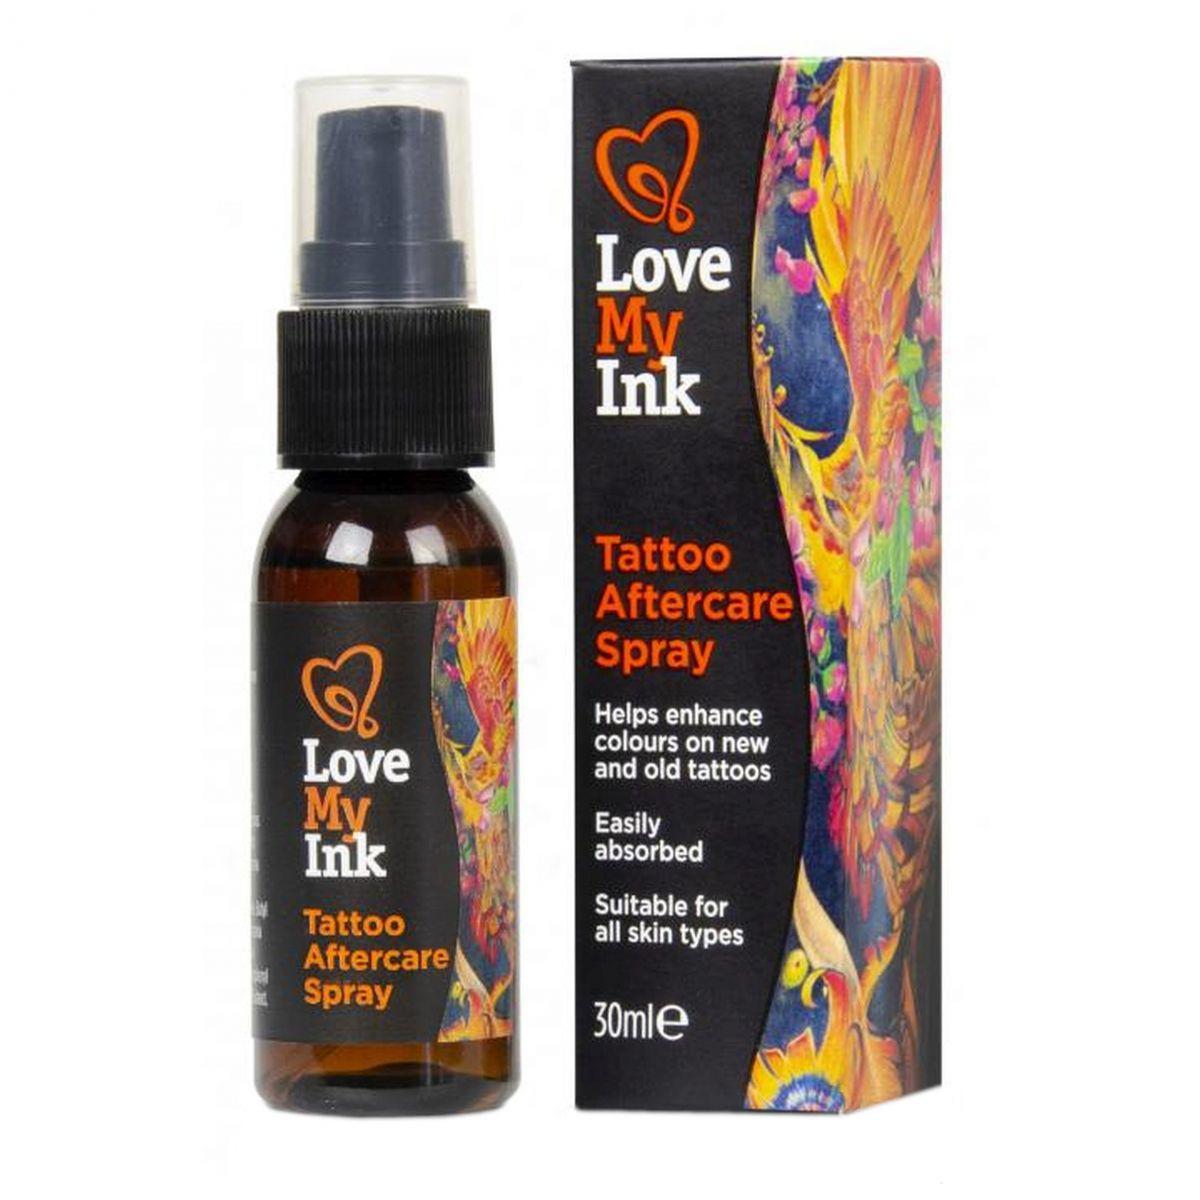 Spray do pielęgnacji tatuażu - 30ml - Love My Ink Tattoo